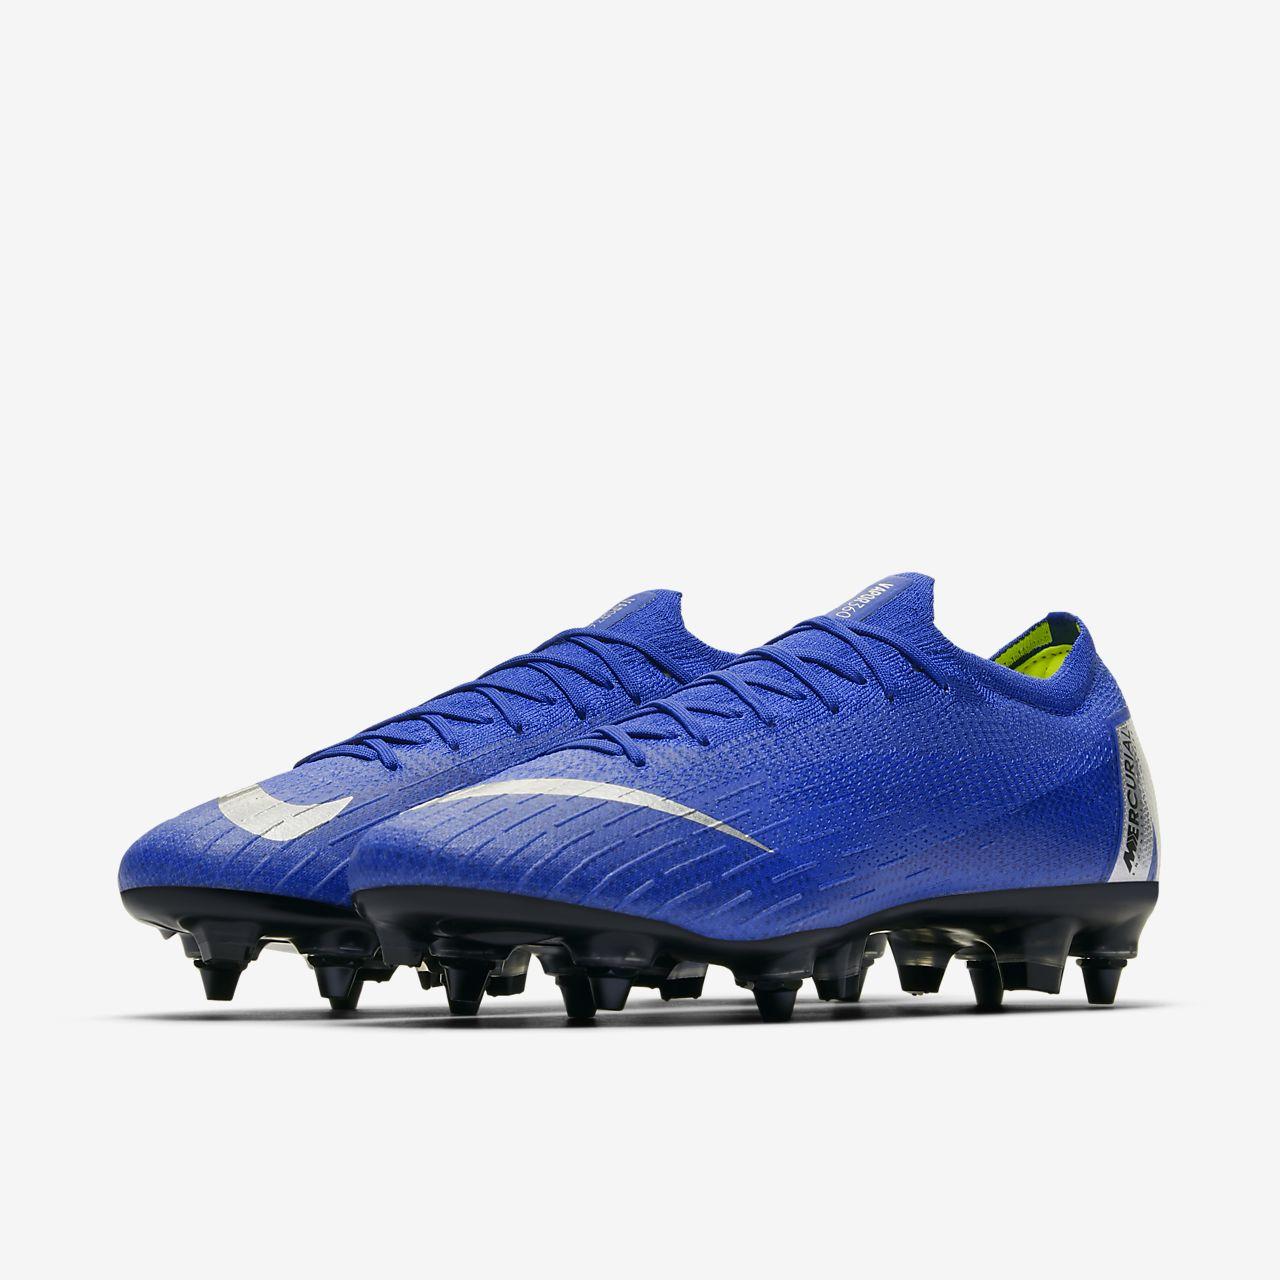 a8e96a64c ... Nike Mercurial Vapor 360 Elite SG-PRO Anti-Clog Soft-Ground Football  Boot